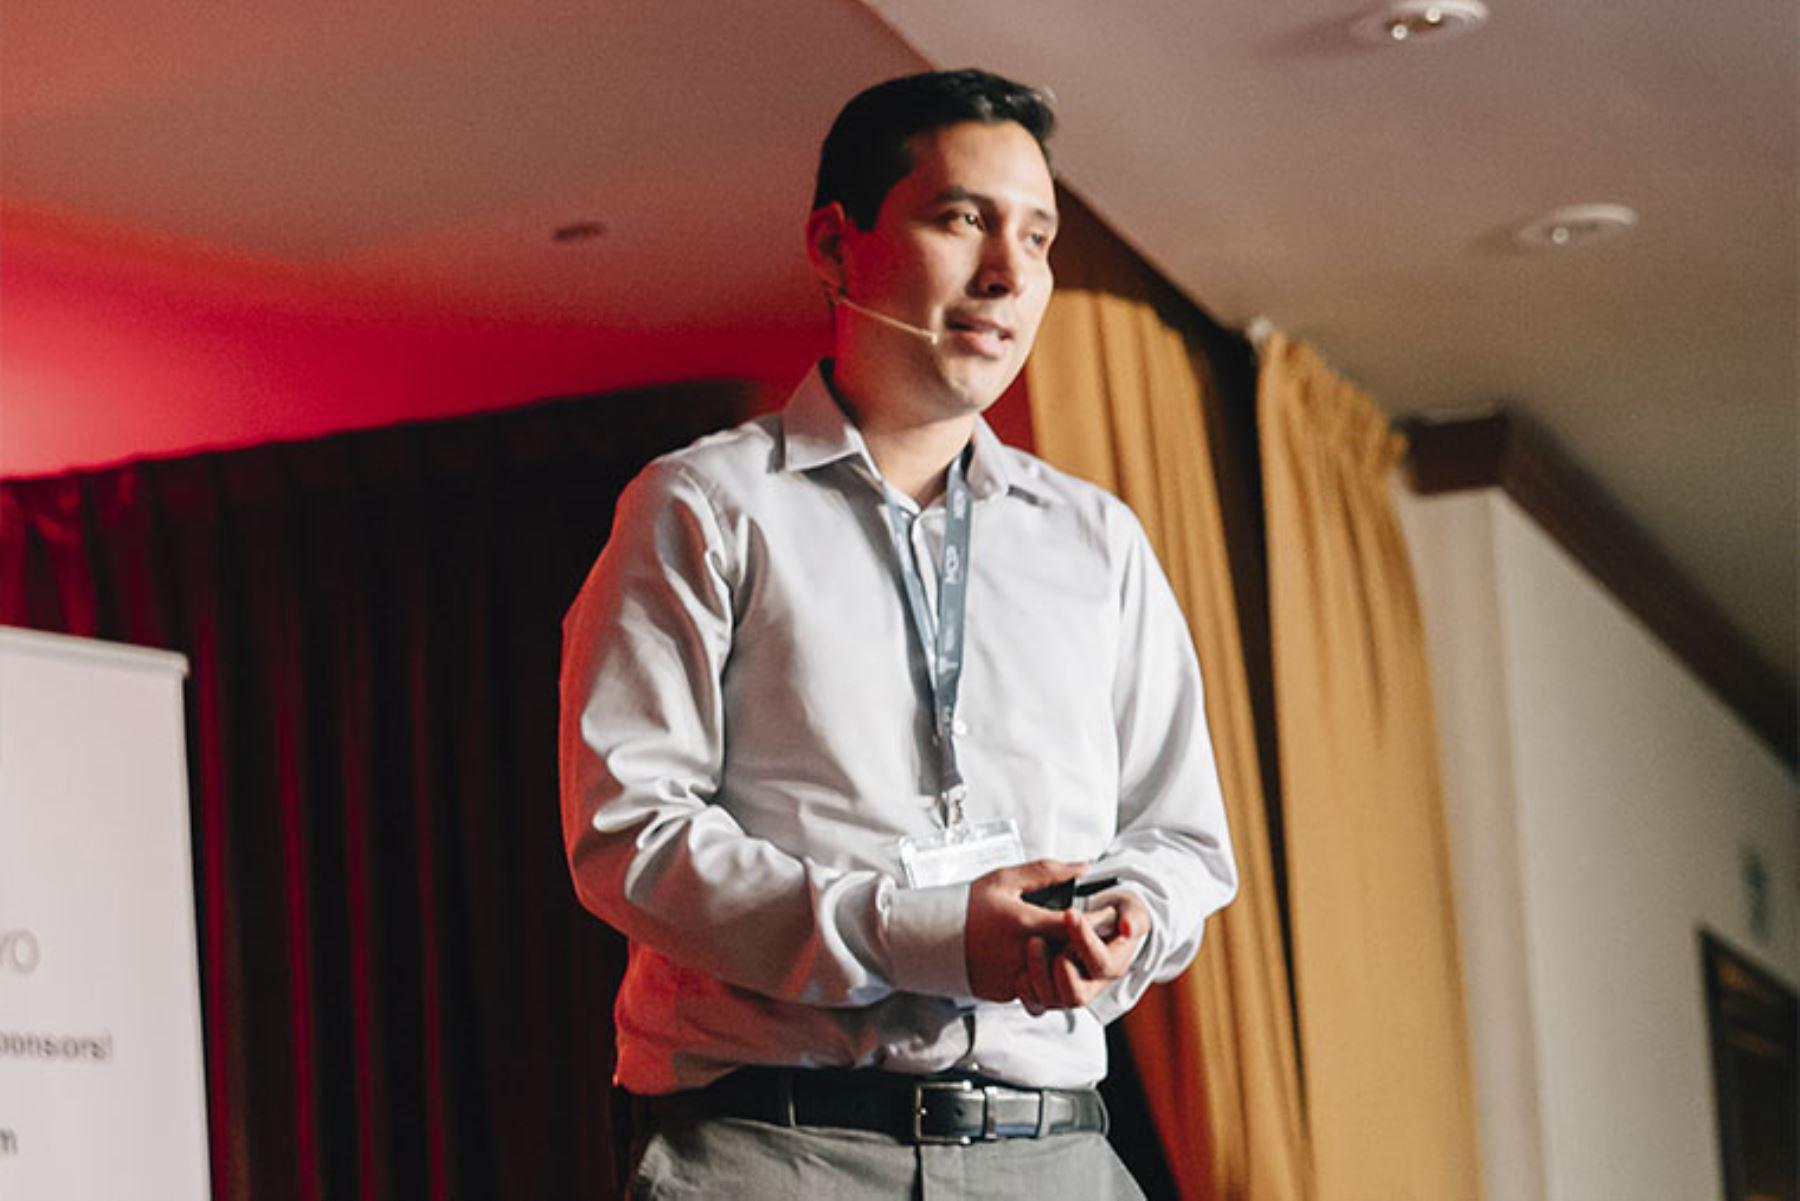 El ingeniero de sistemas Víctor Laguna junto a un equipo de peruanos crearon Techsuyo, la más grande conferencia tech–latina que se realizará este 15 y 16 de octubre en Silicon Valley, Estados Unidos. (Foto: Techsuyo)